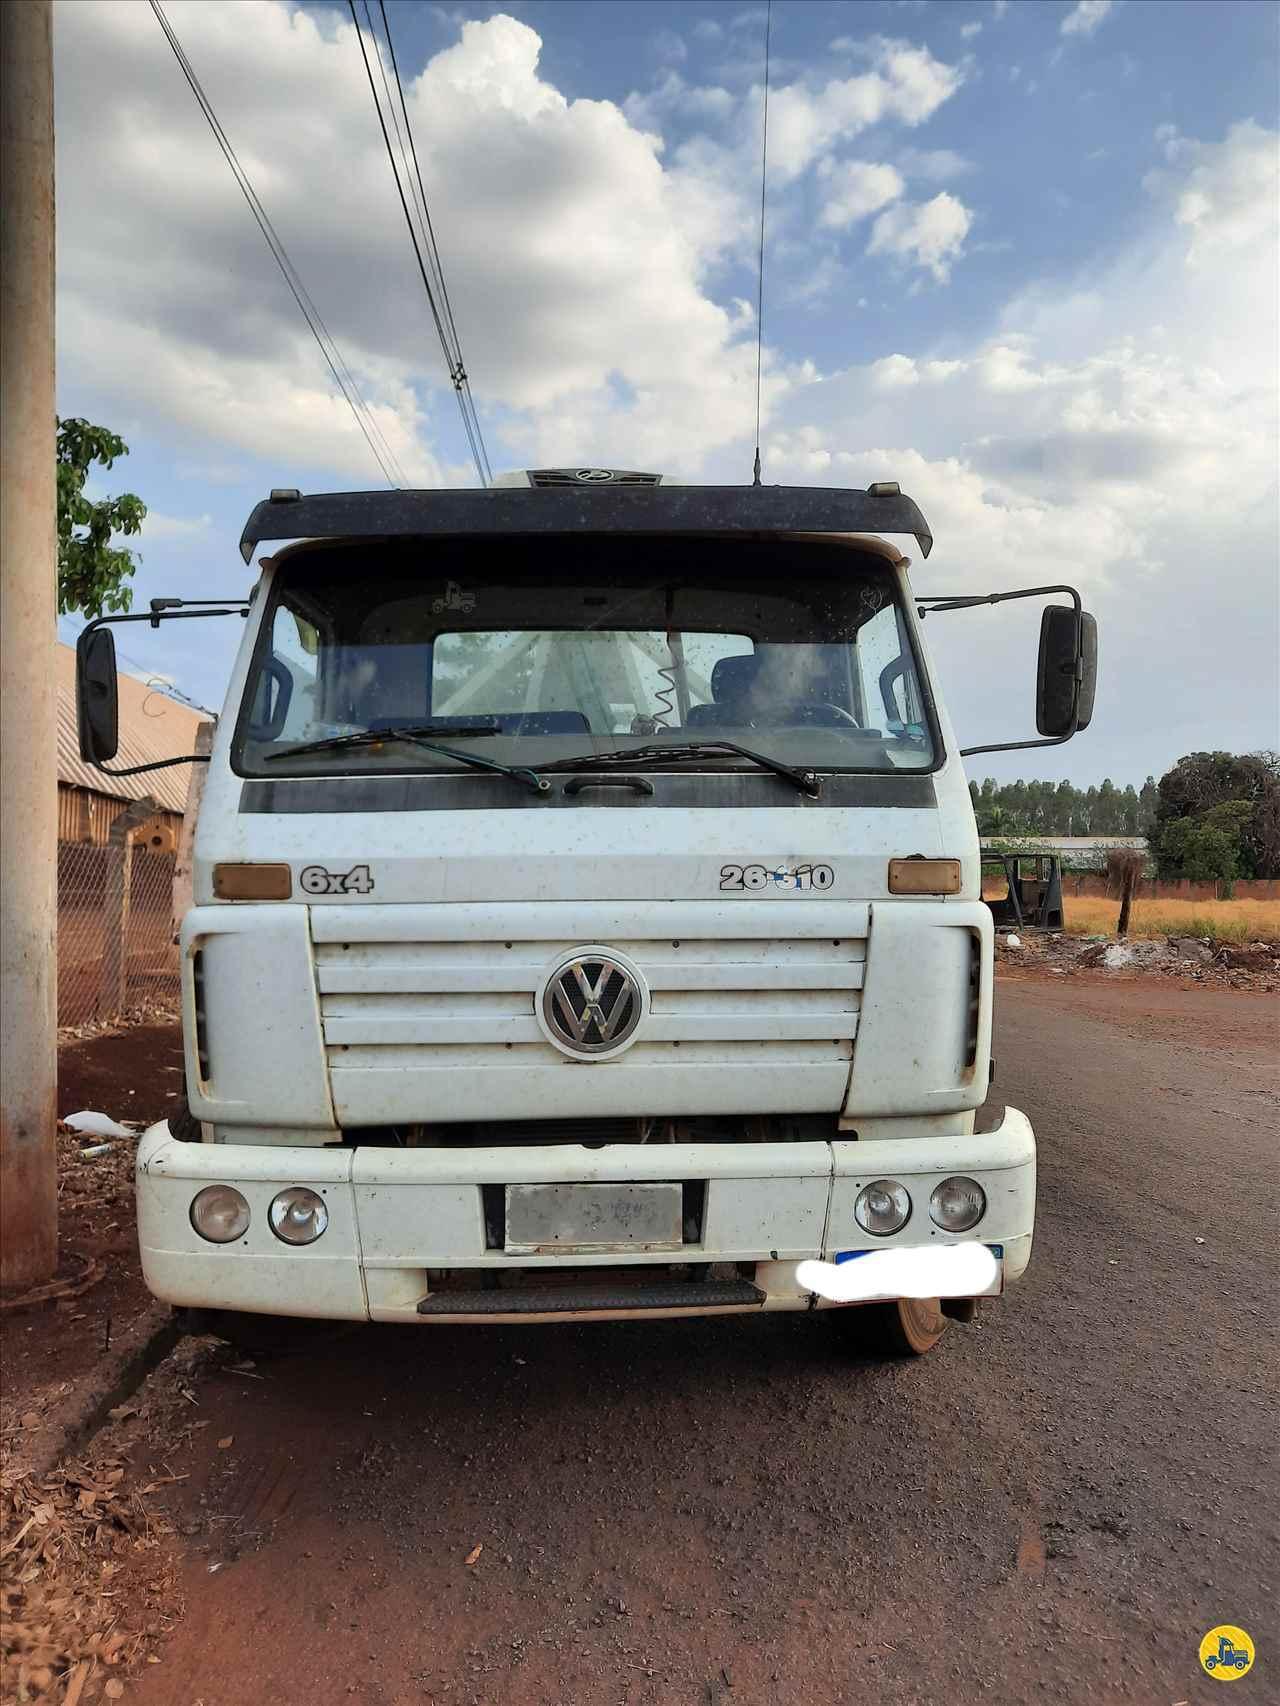 CAMINHAO VOLKSWAGEN VW 26310 Roll ON OFF Traçado 6x4 Porssionatto Caminhões RIO VERDE GOIAS GO